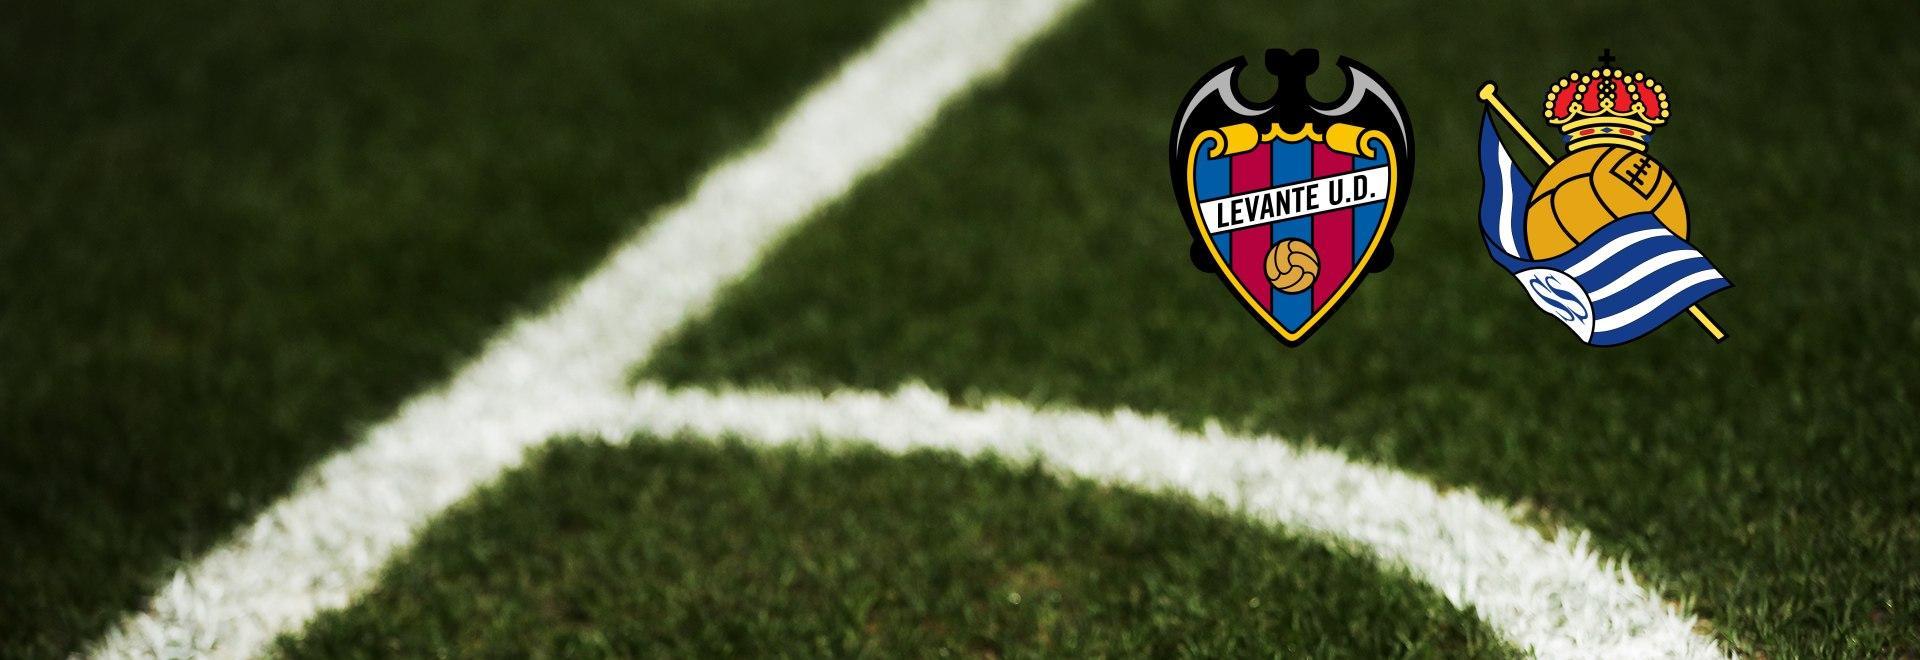 Levante - Real Sociedad. 34a g.